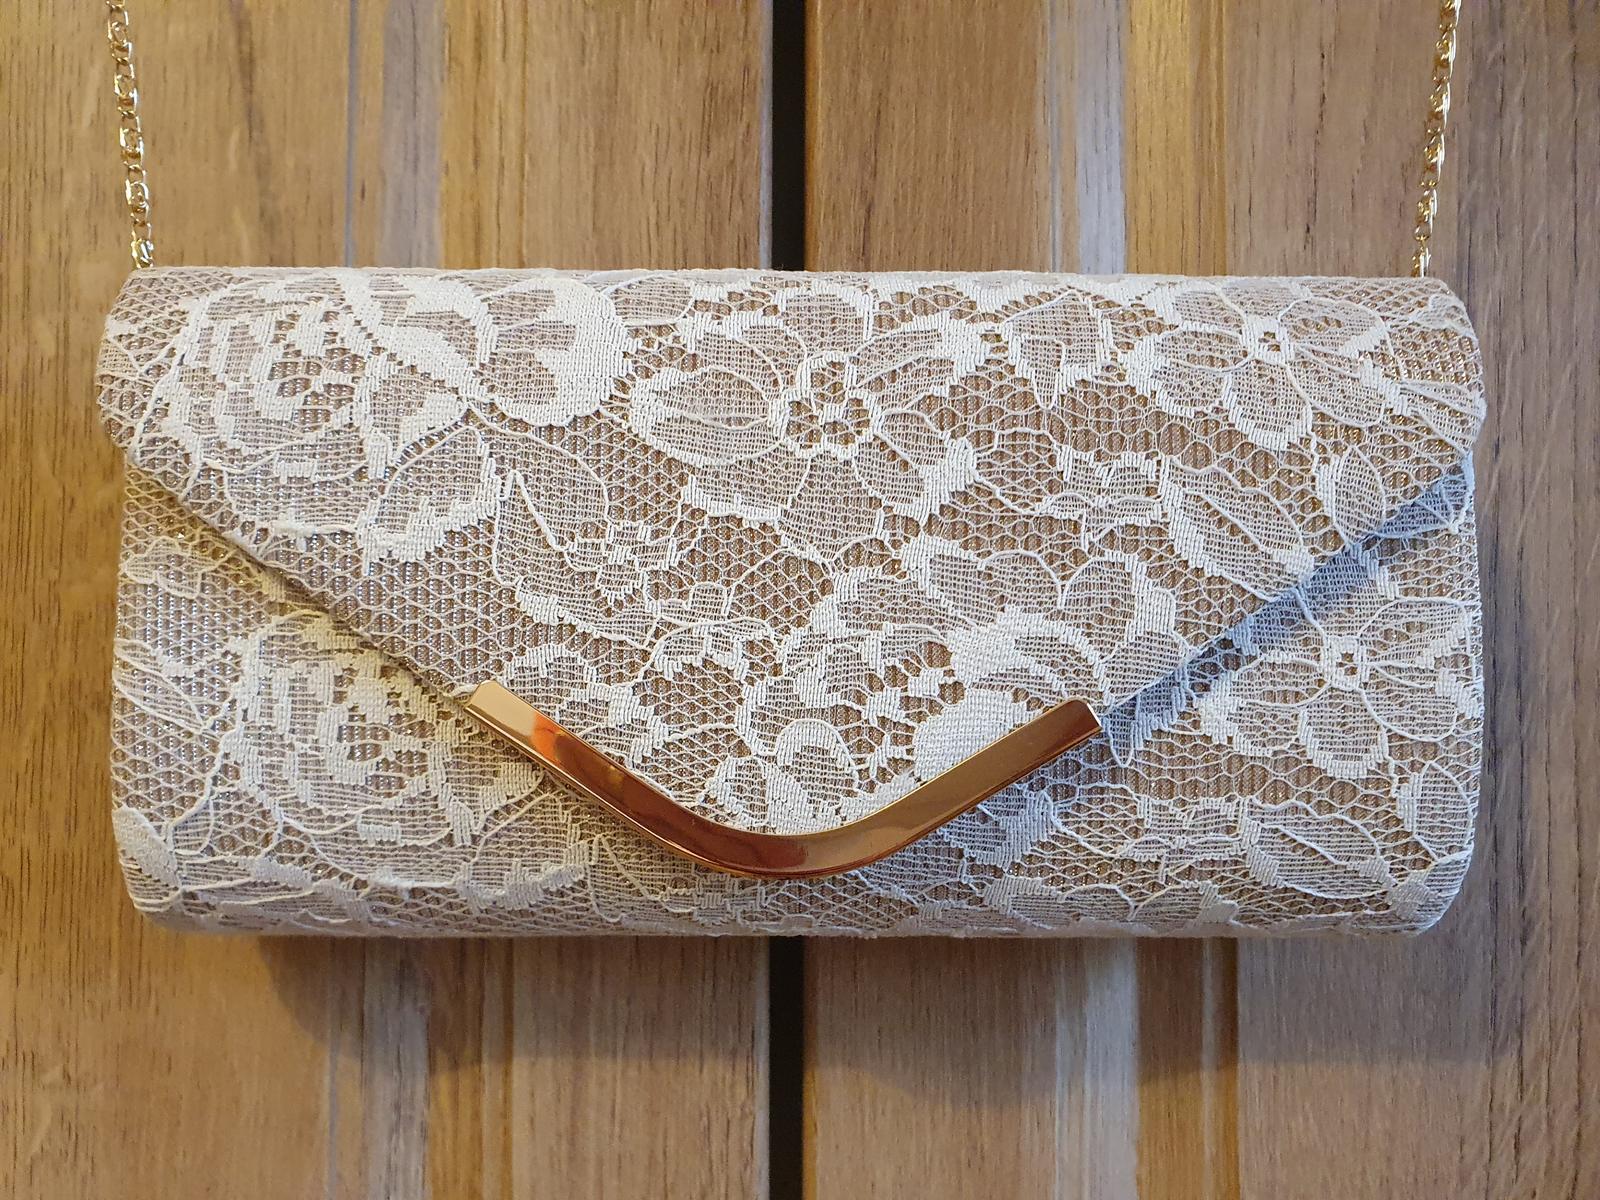 Čipkovaná kabelka - Obrázok č. 1